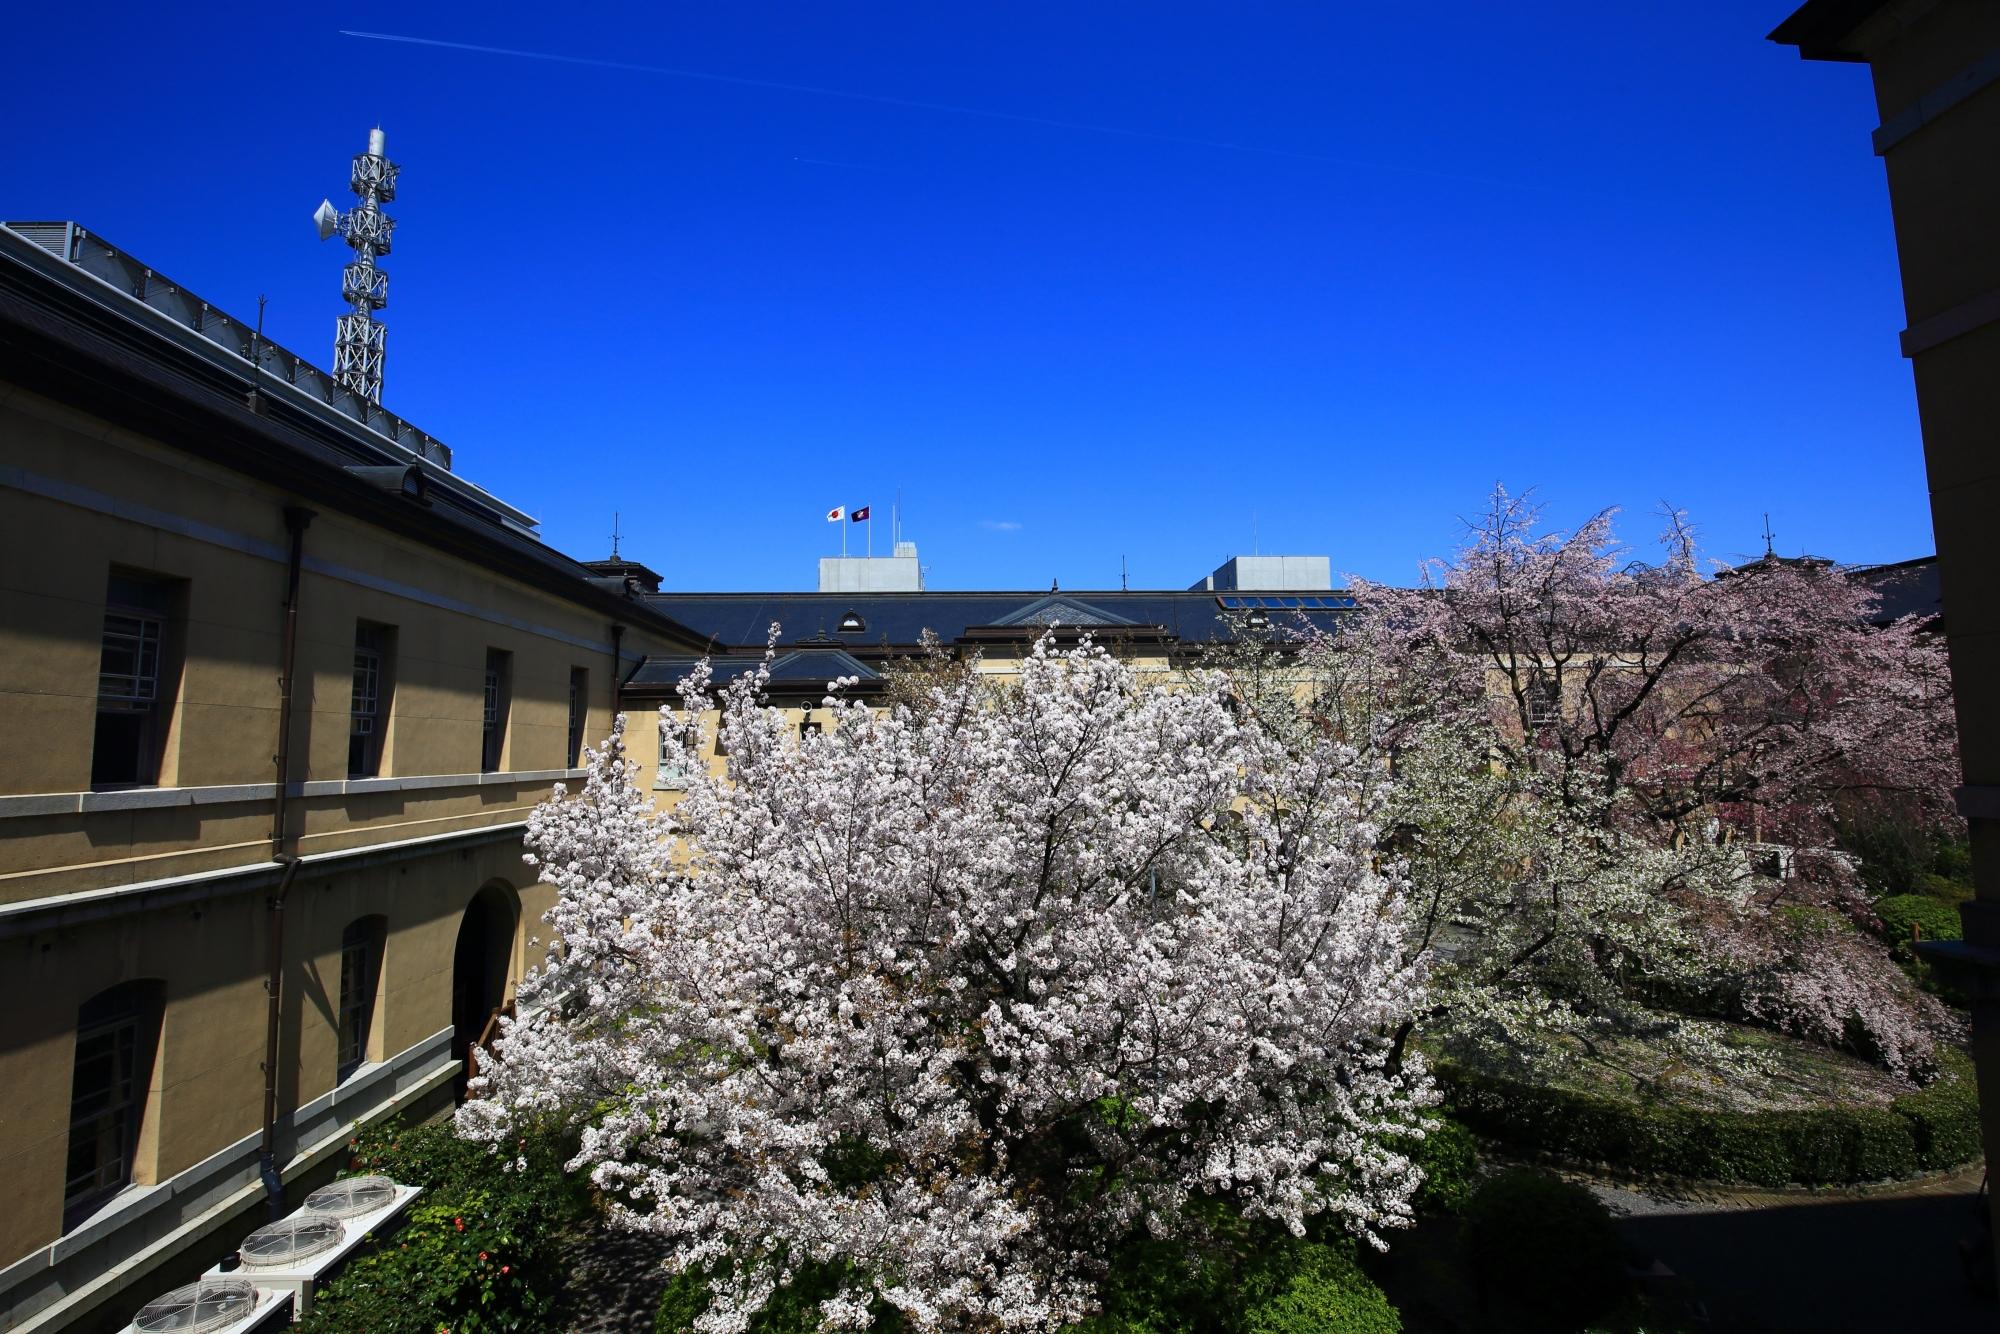 太陽をいっぱいに浴びて輝く桜